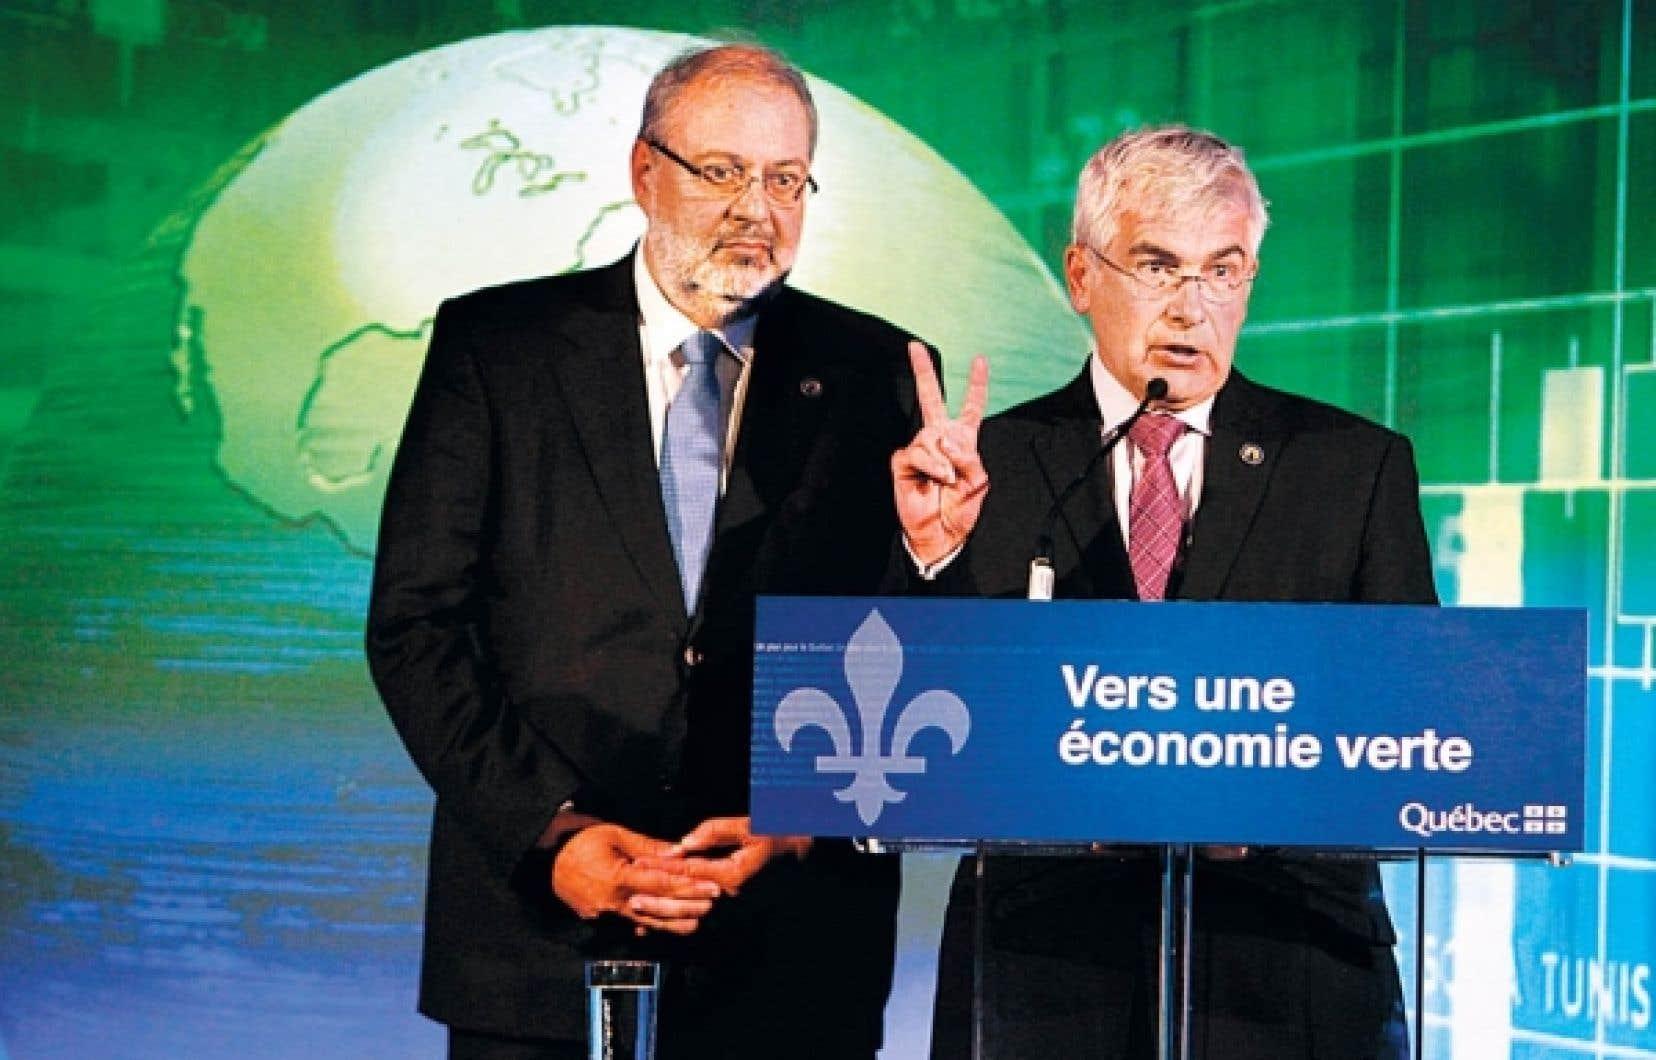 Le ministre du D&eacute;veloppement durable, de l&rsquo;Environnement et des Parcs, Pierre Arcand, et le ministre du D&eacute;veloppement &eacute;conomique, Cl&eacute;ment Gignac, ont annonc&eacute; que le plan qu&eacute;b&eacute;cois imposera d&egrave;s 2013 ses premi&egrave;res r&eacute;ductions &agrave; une centaine de grandes entreprises.<br />